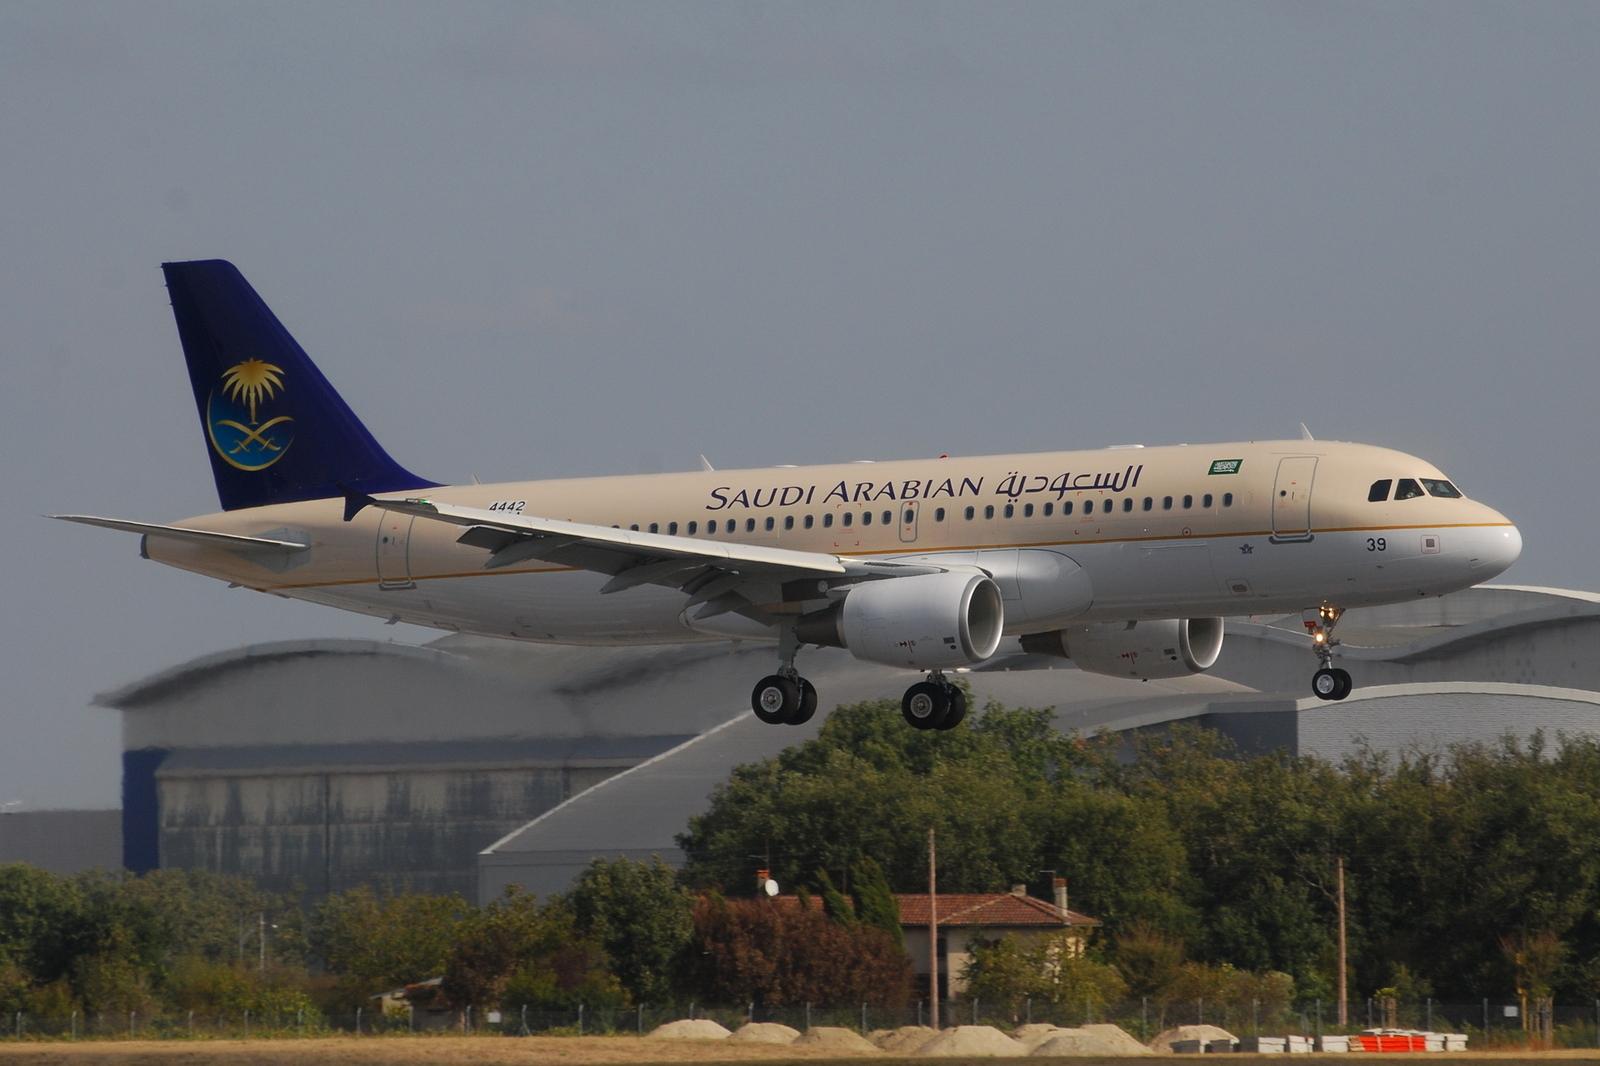 Saudi Airlines Airbus A320 File:airbus A320-200 Saudi